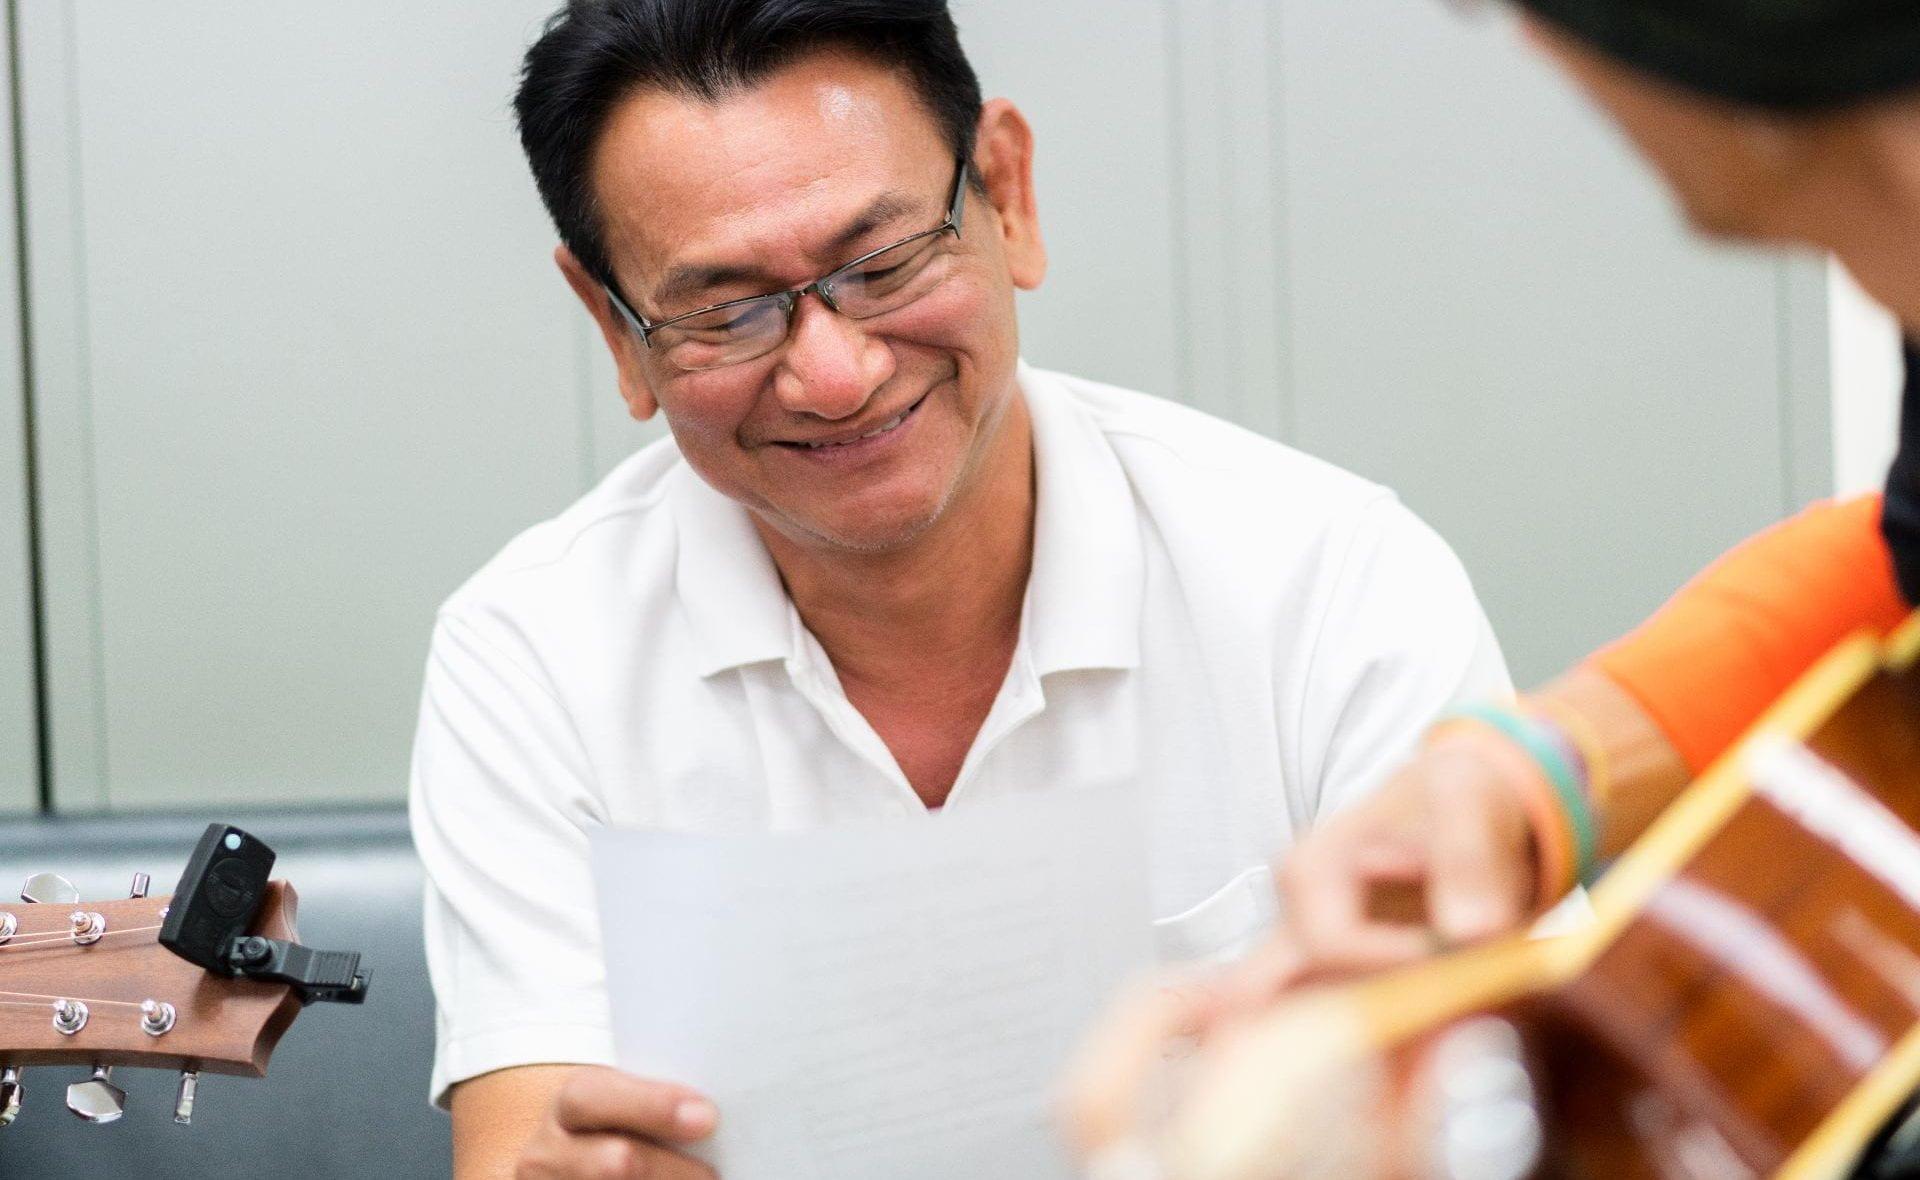 Man singing and smiling to guitar music